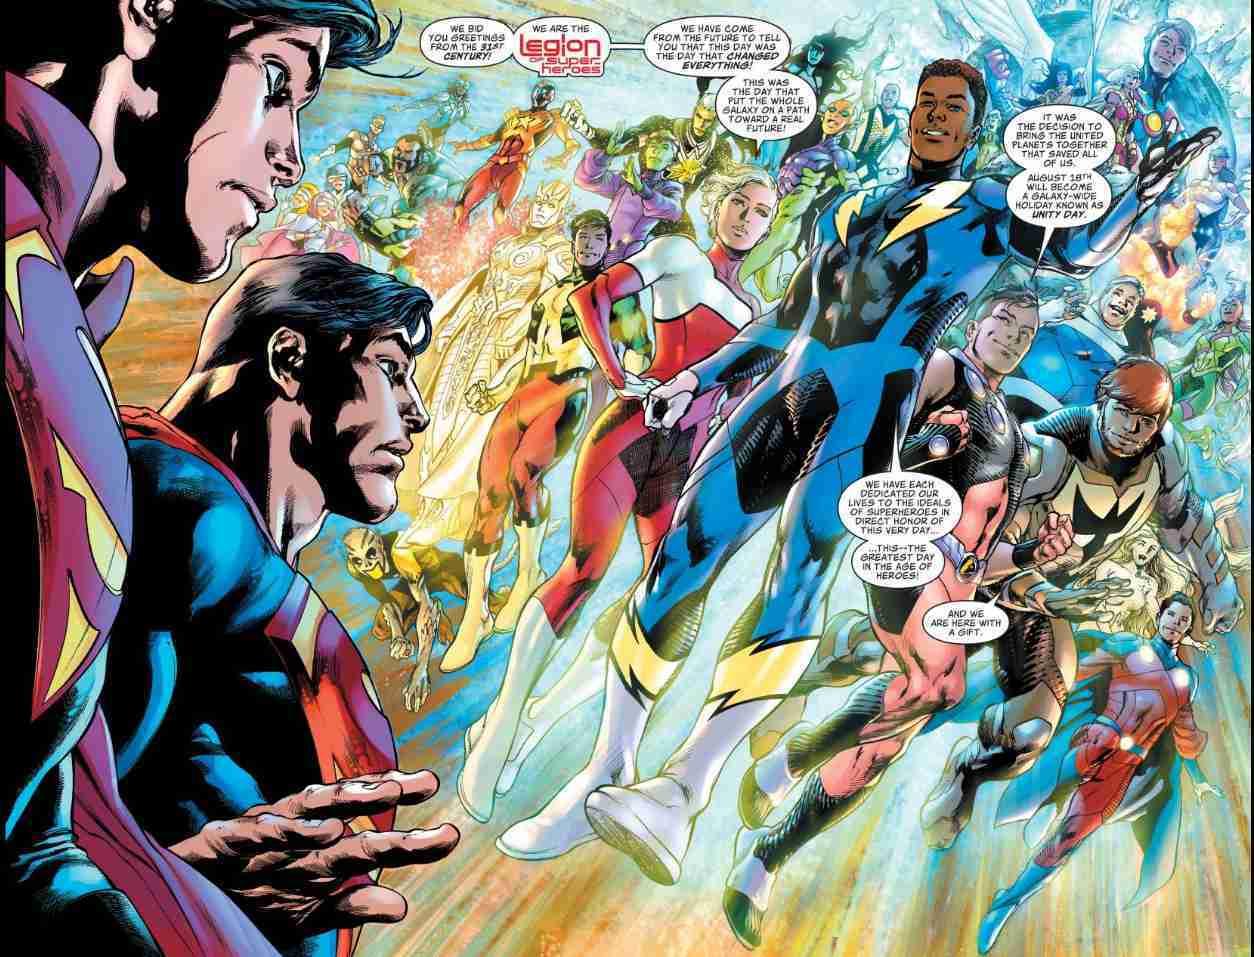 legion-of-superheroes